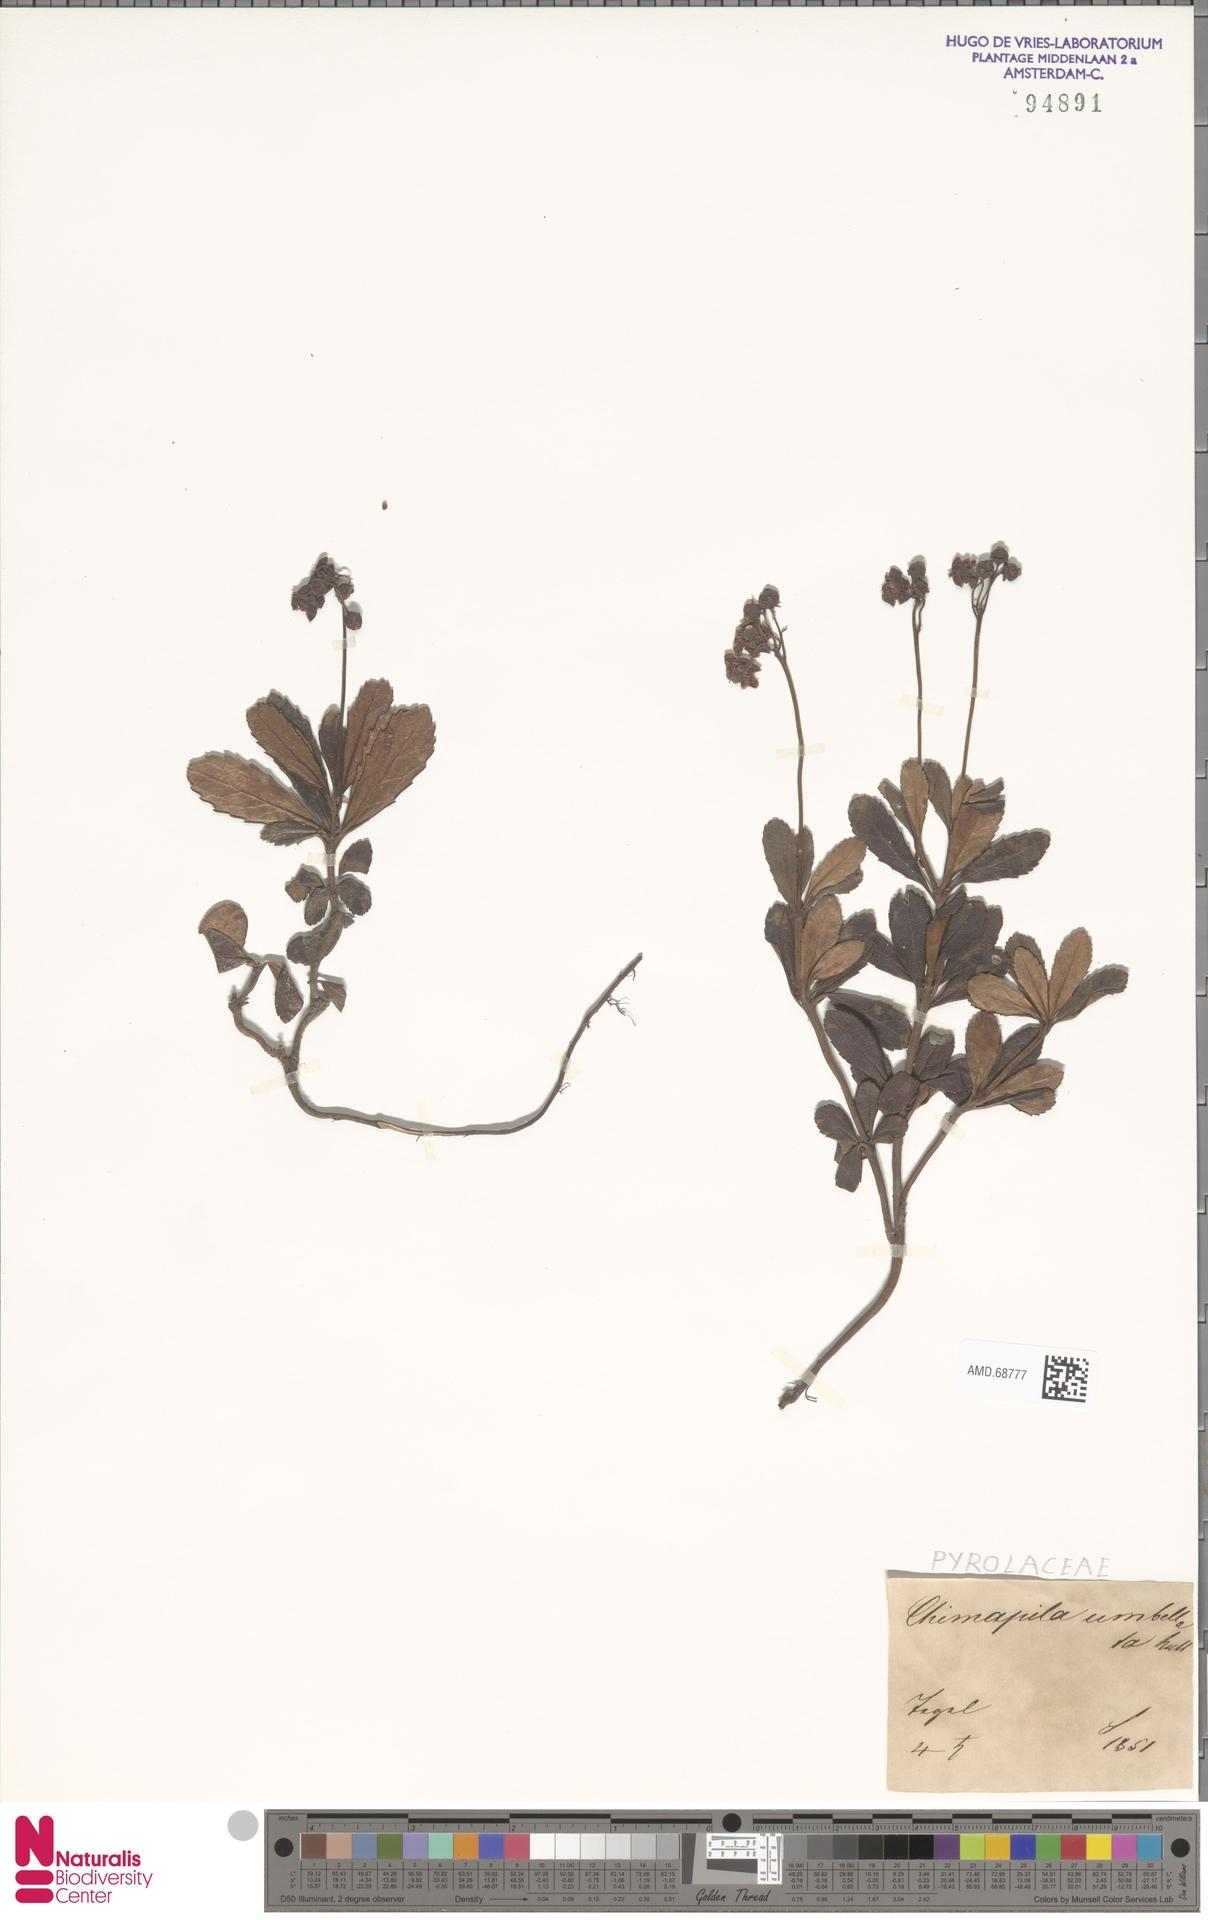 AMD.68777   Chimaphila umbellata (L.) W.C.Barton